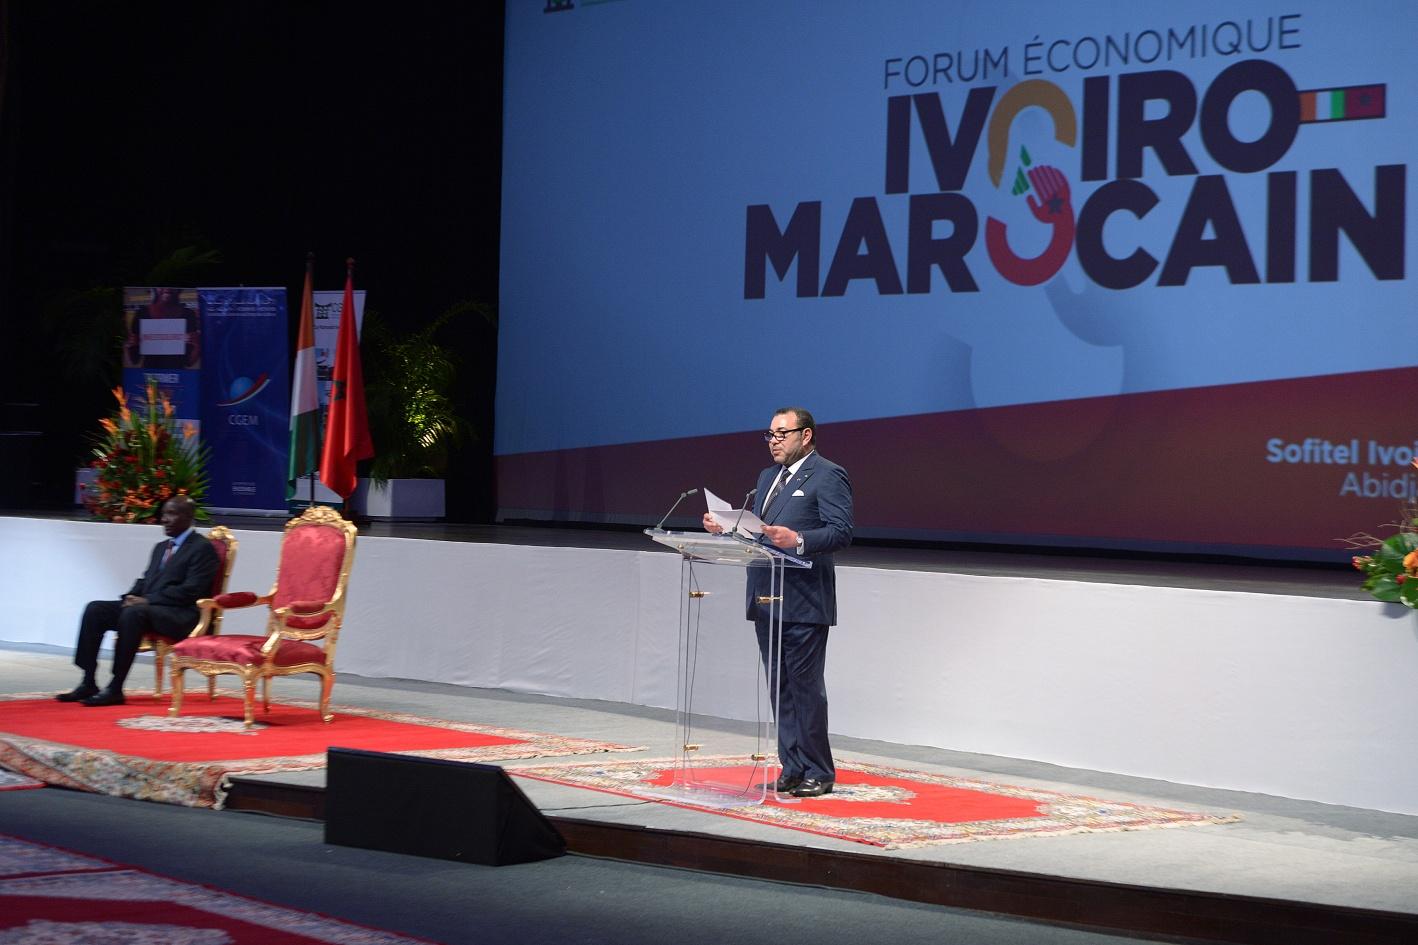 Discurso de sm el rey mohammed vi en la ceremonia de apertura del foro econ mico de marruecos - Le roi du matelas heures d ouverture ...